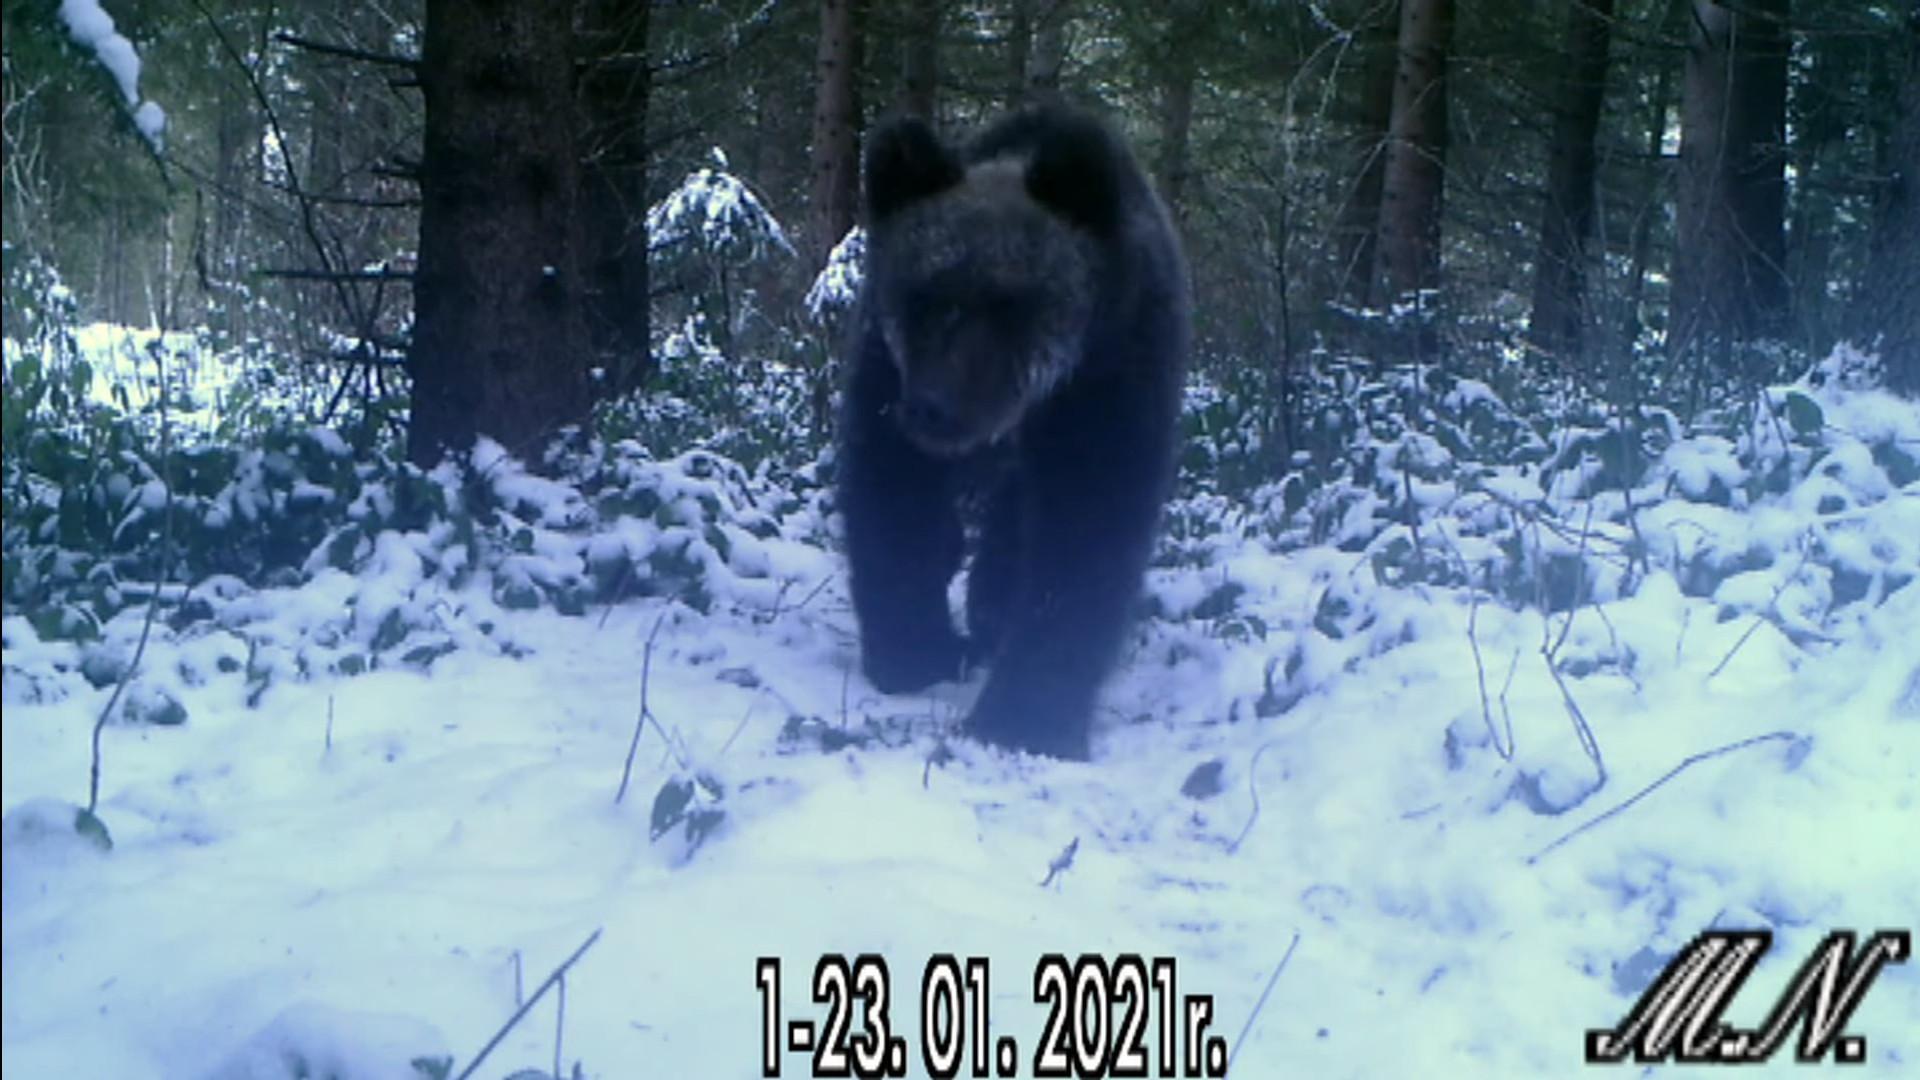 Bieszczadzkie niedźwiedzie nie zapadły w sen zimowy - Zdjęcie główne